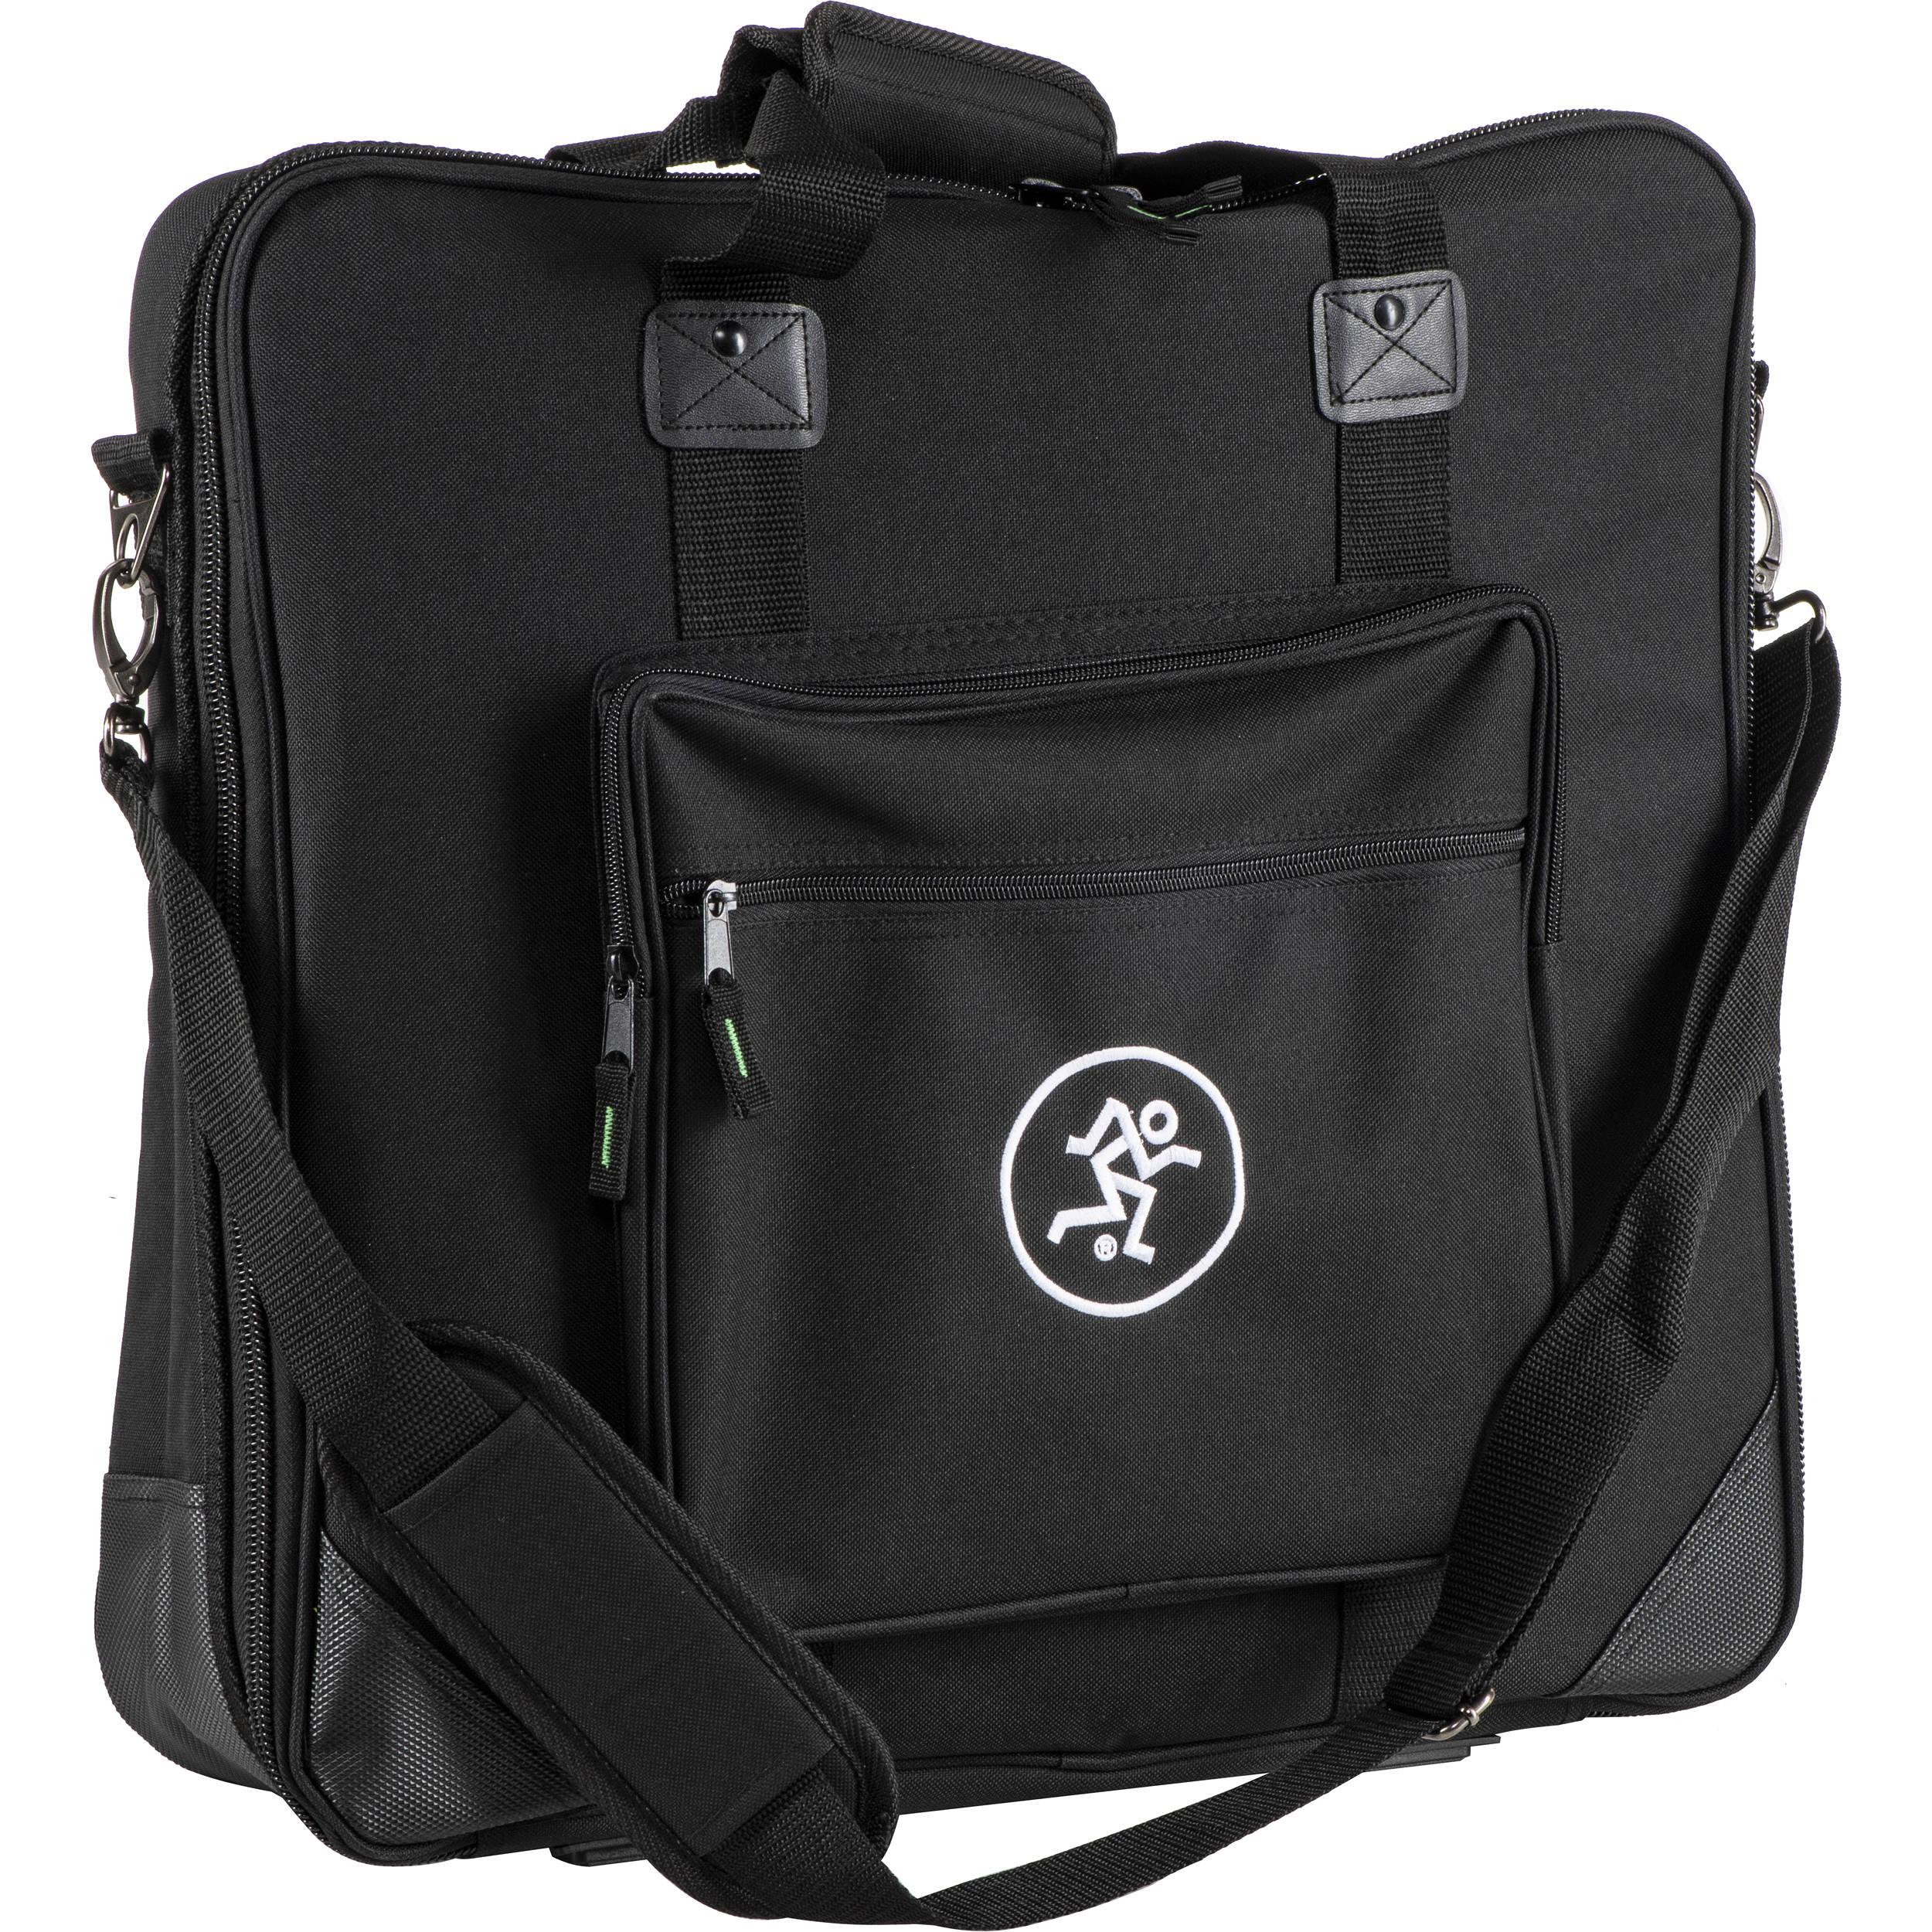 Mackie Carry Bag for ProFX22v3 Mixer